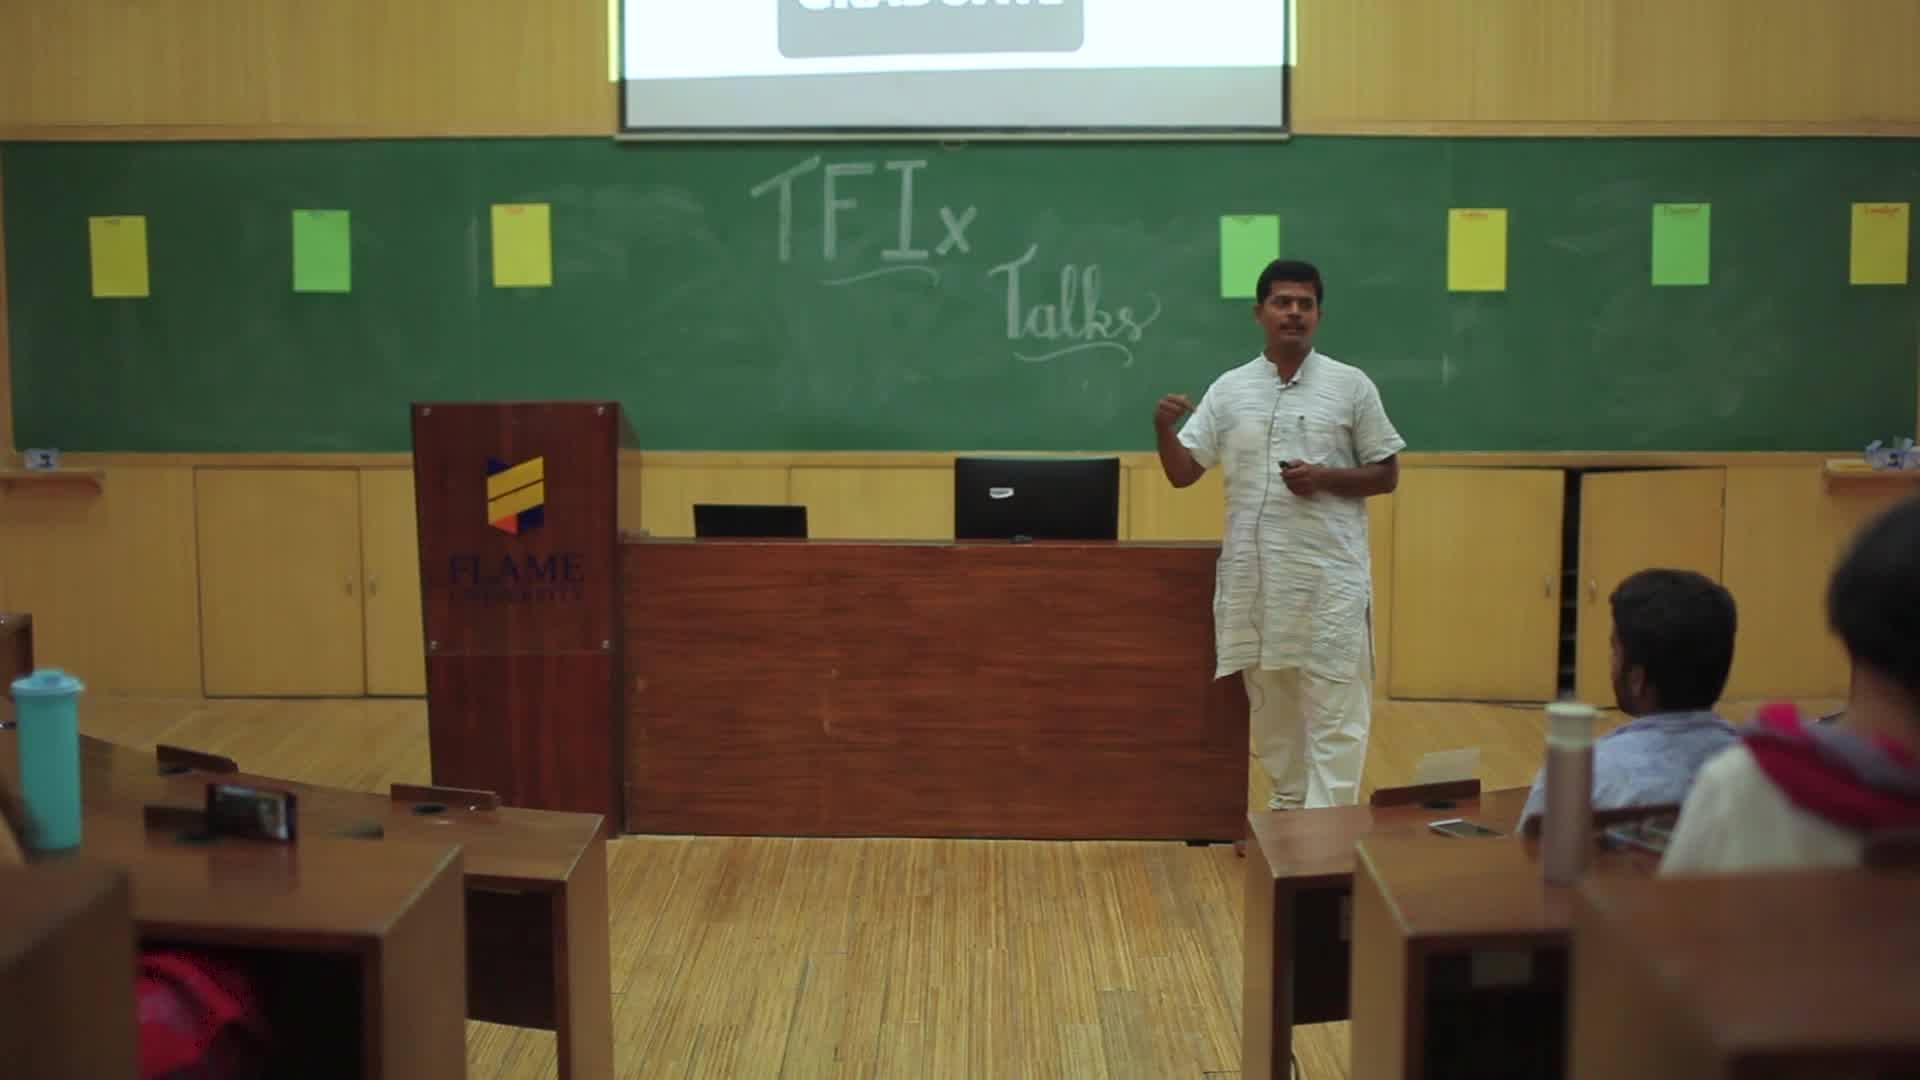 TFIx Talk - Vinayak